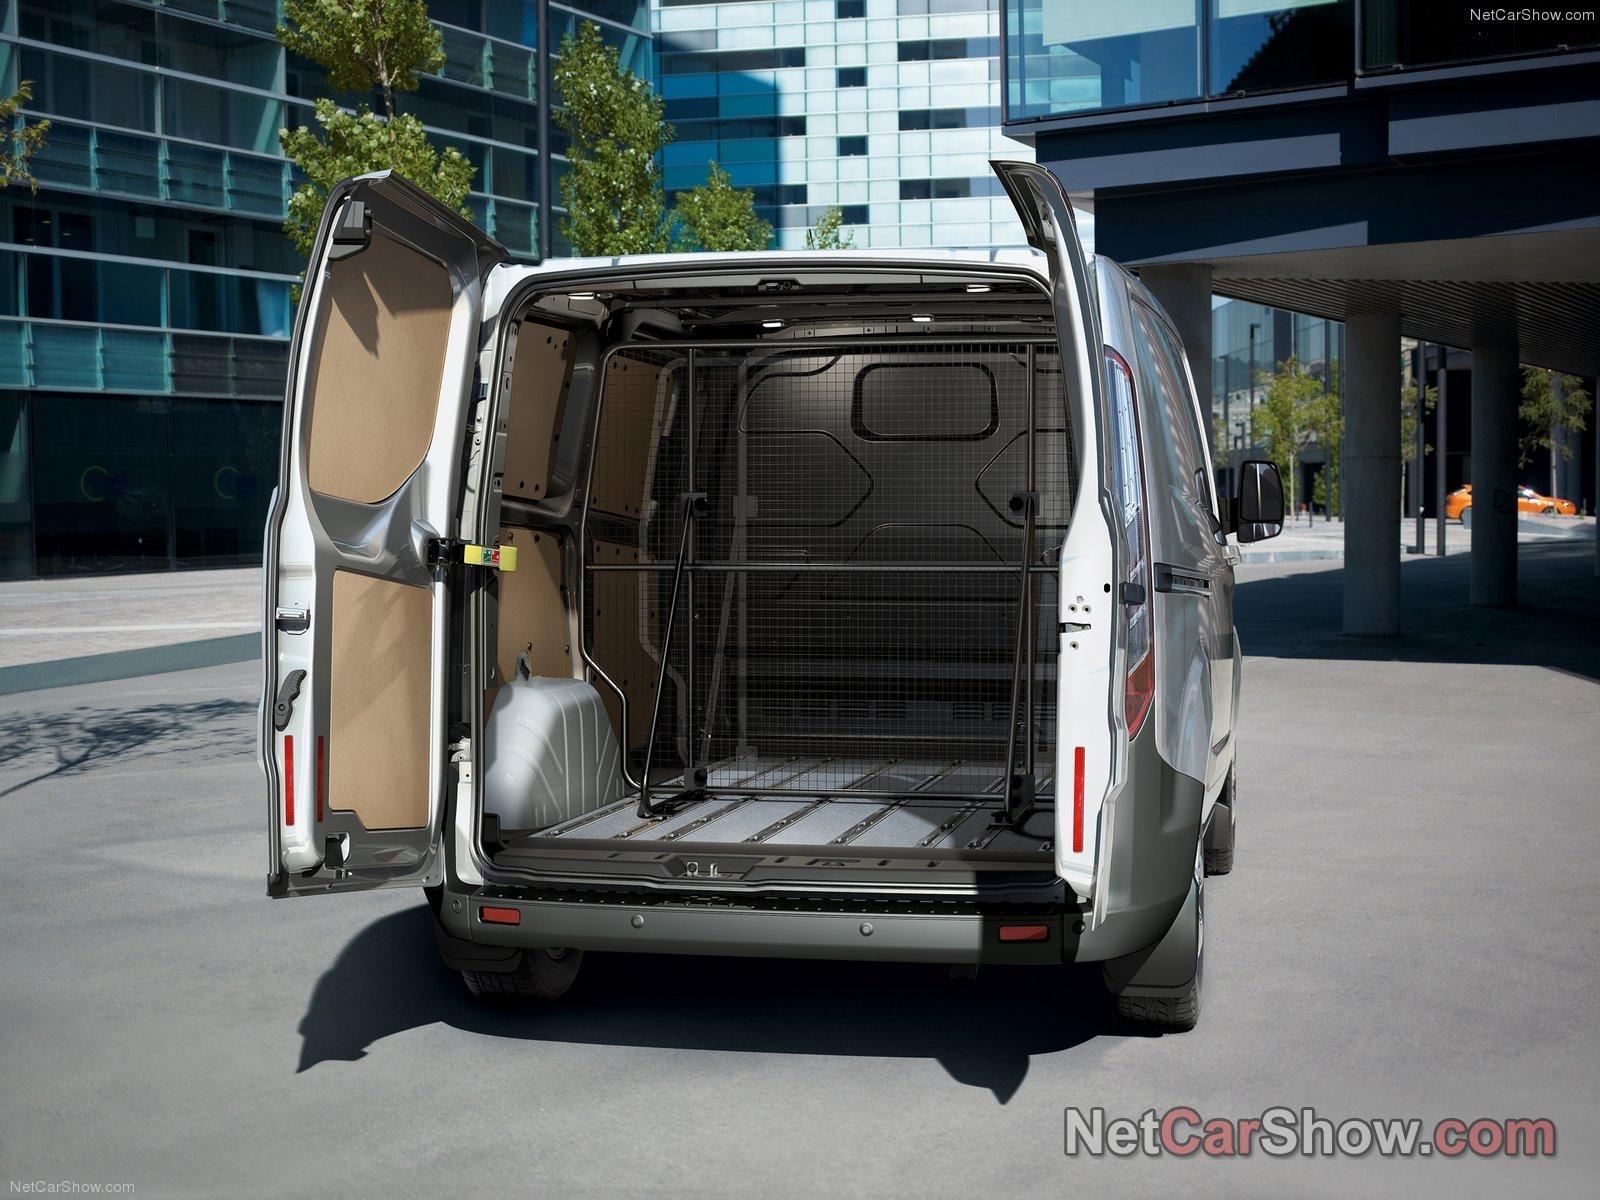 Photo of Ford Transit Custom #93831. Image size: 1600 x 1200. Upload